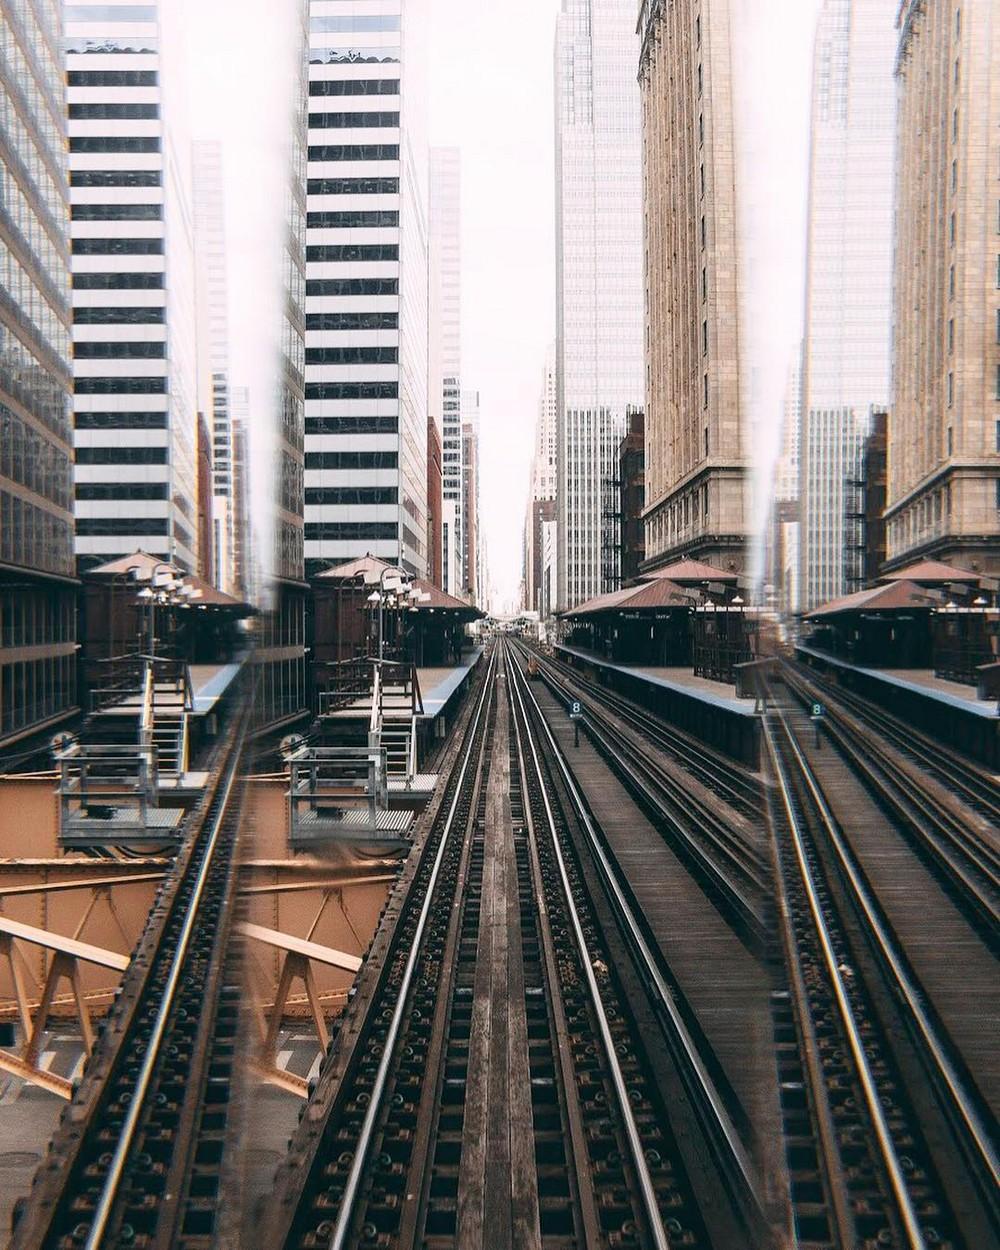 Архитектура и городские фотографии от Майкла Солсбери